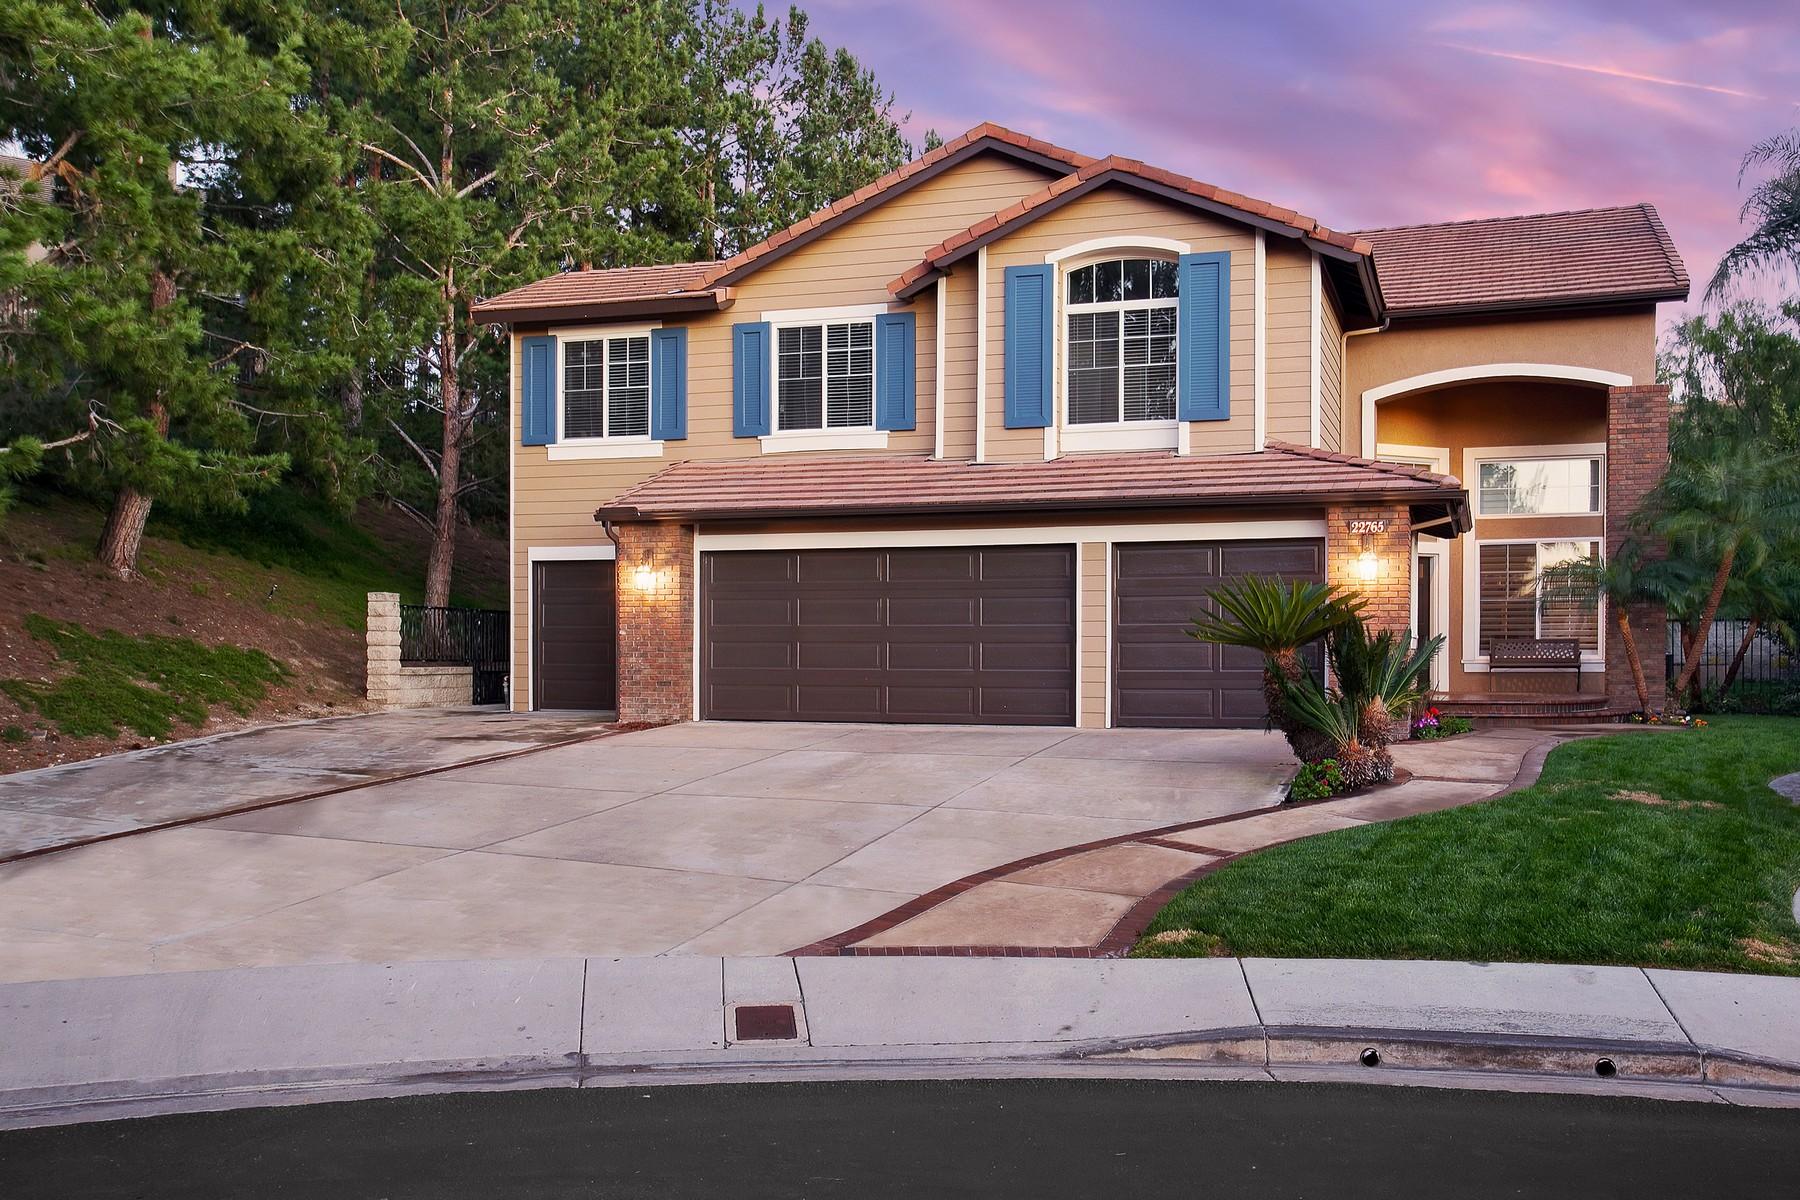 独户住宅 为 销售 在 22765 Maplewood Mission Viejo, 加利福尼亚州, 92692 美国